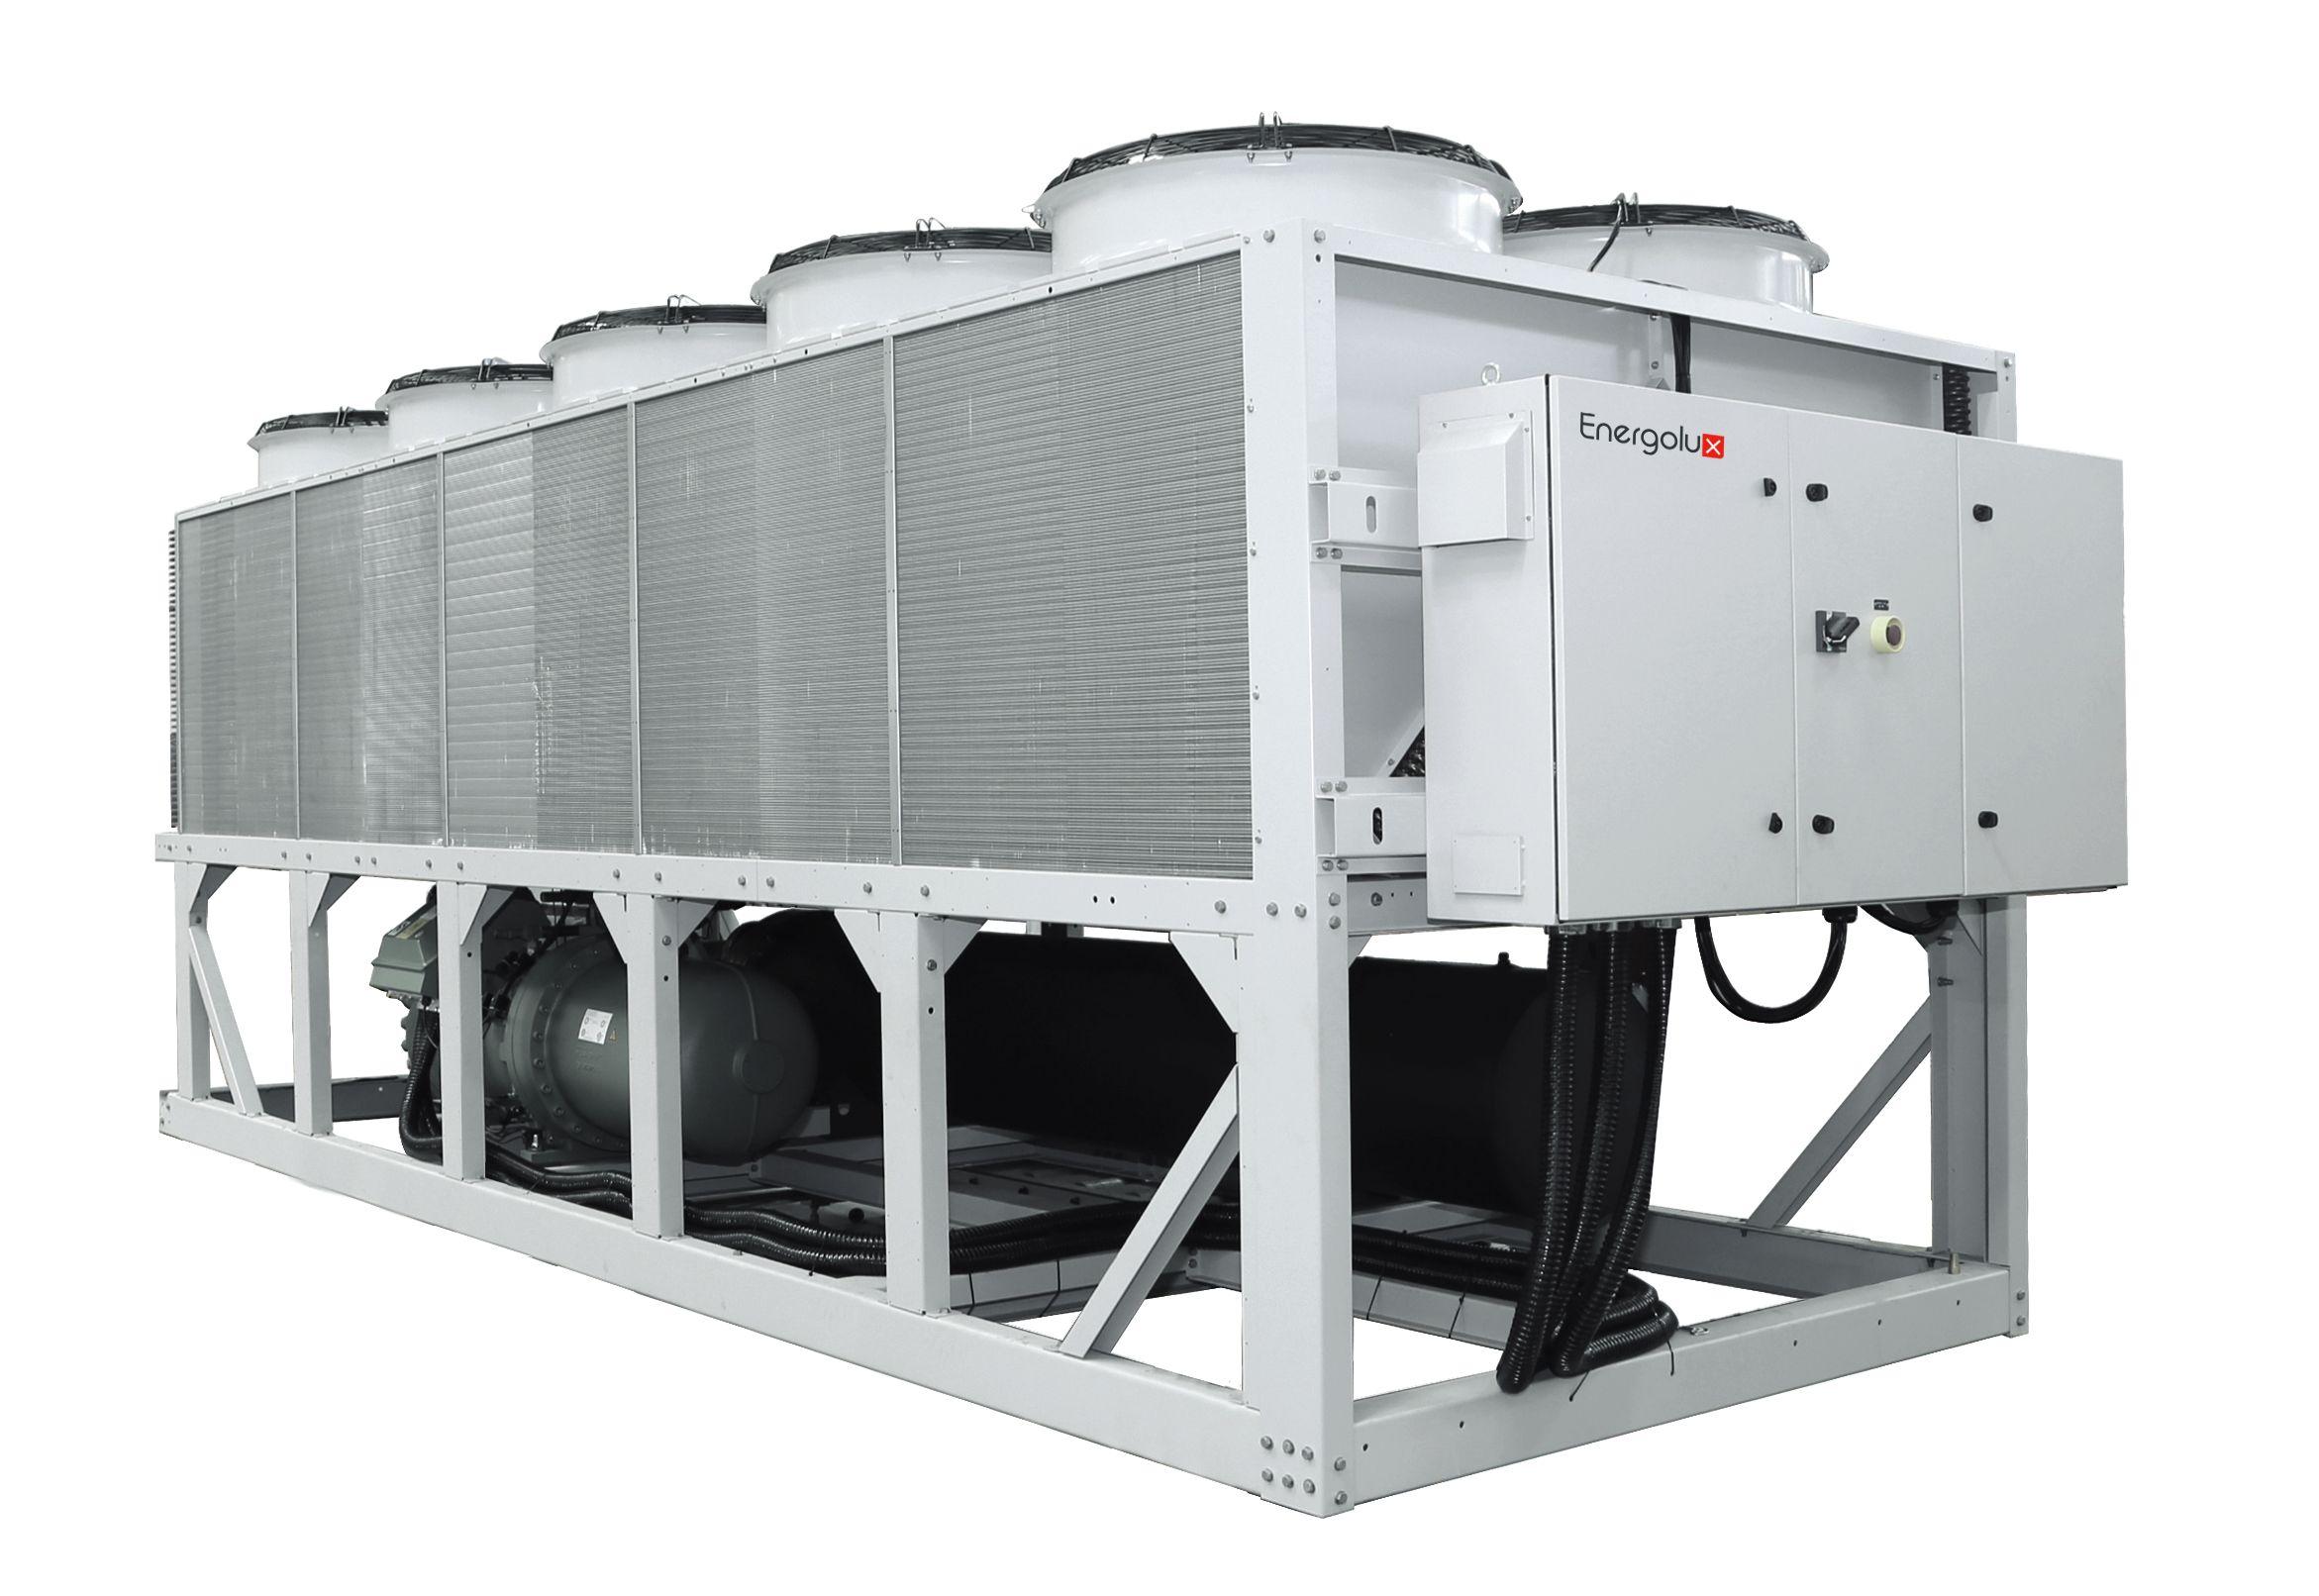 Energolux SCAW-T 2860 V